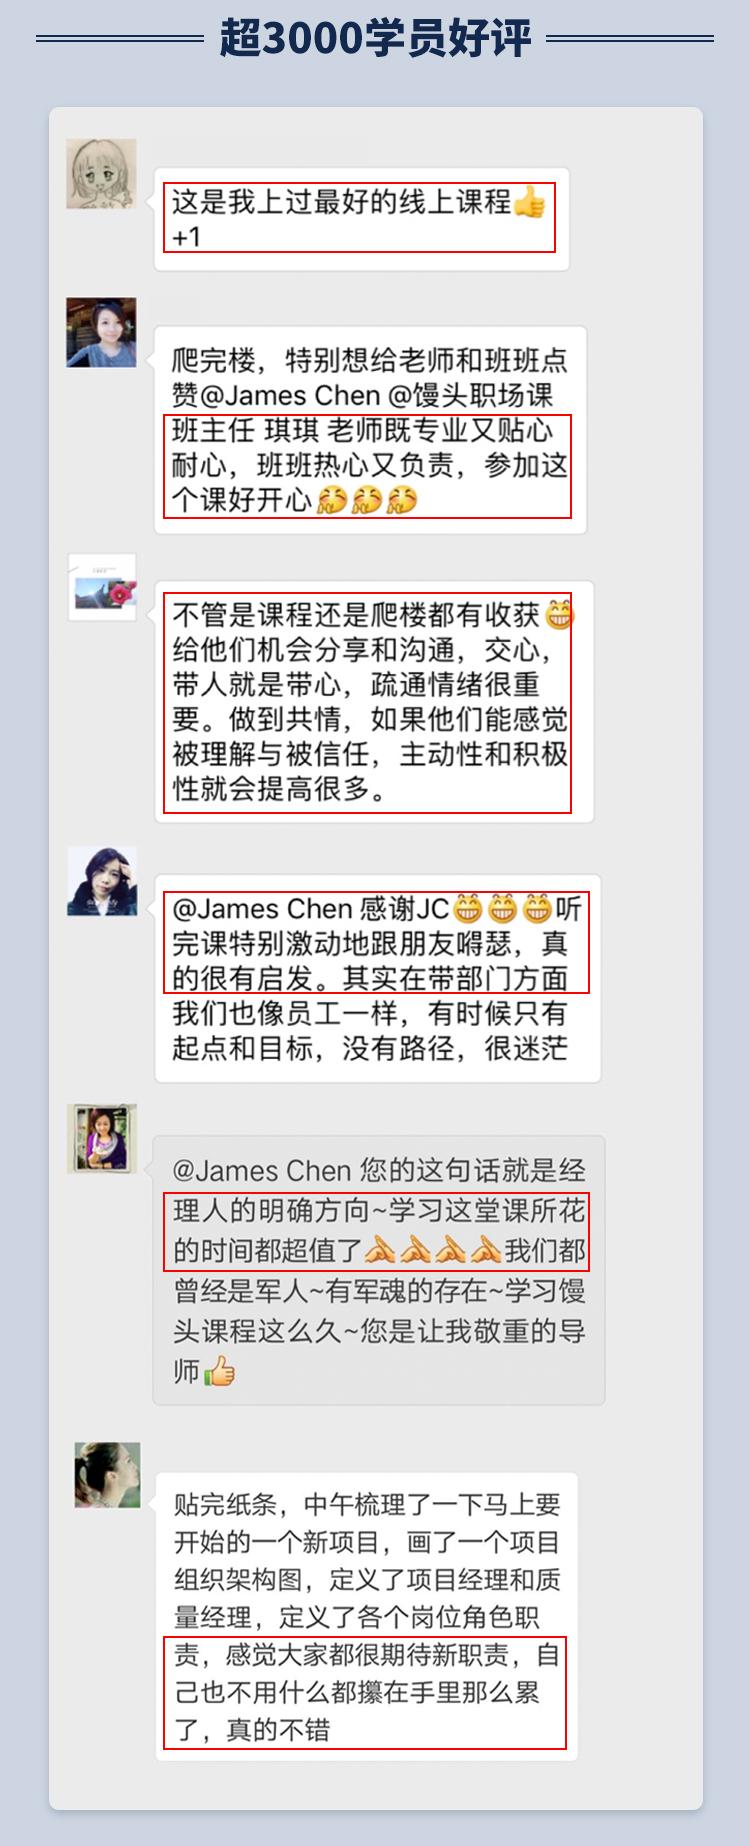 http://mtedu-img.oss-cn-beijing-internal.aliyuncs.com/ueditor/20190109000304_191719.jpg